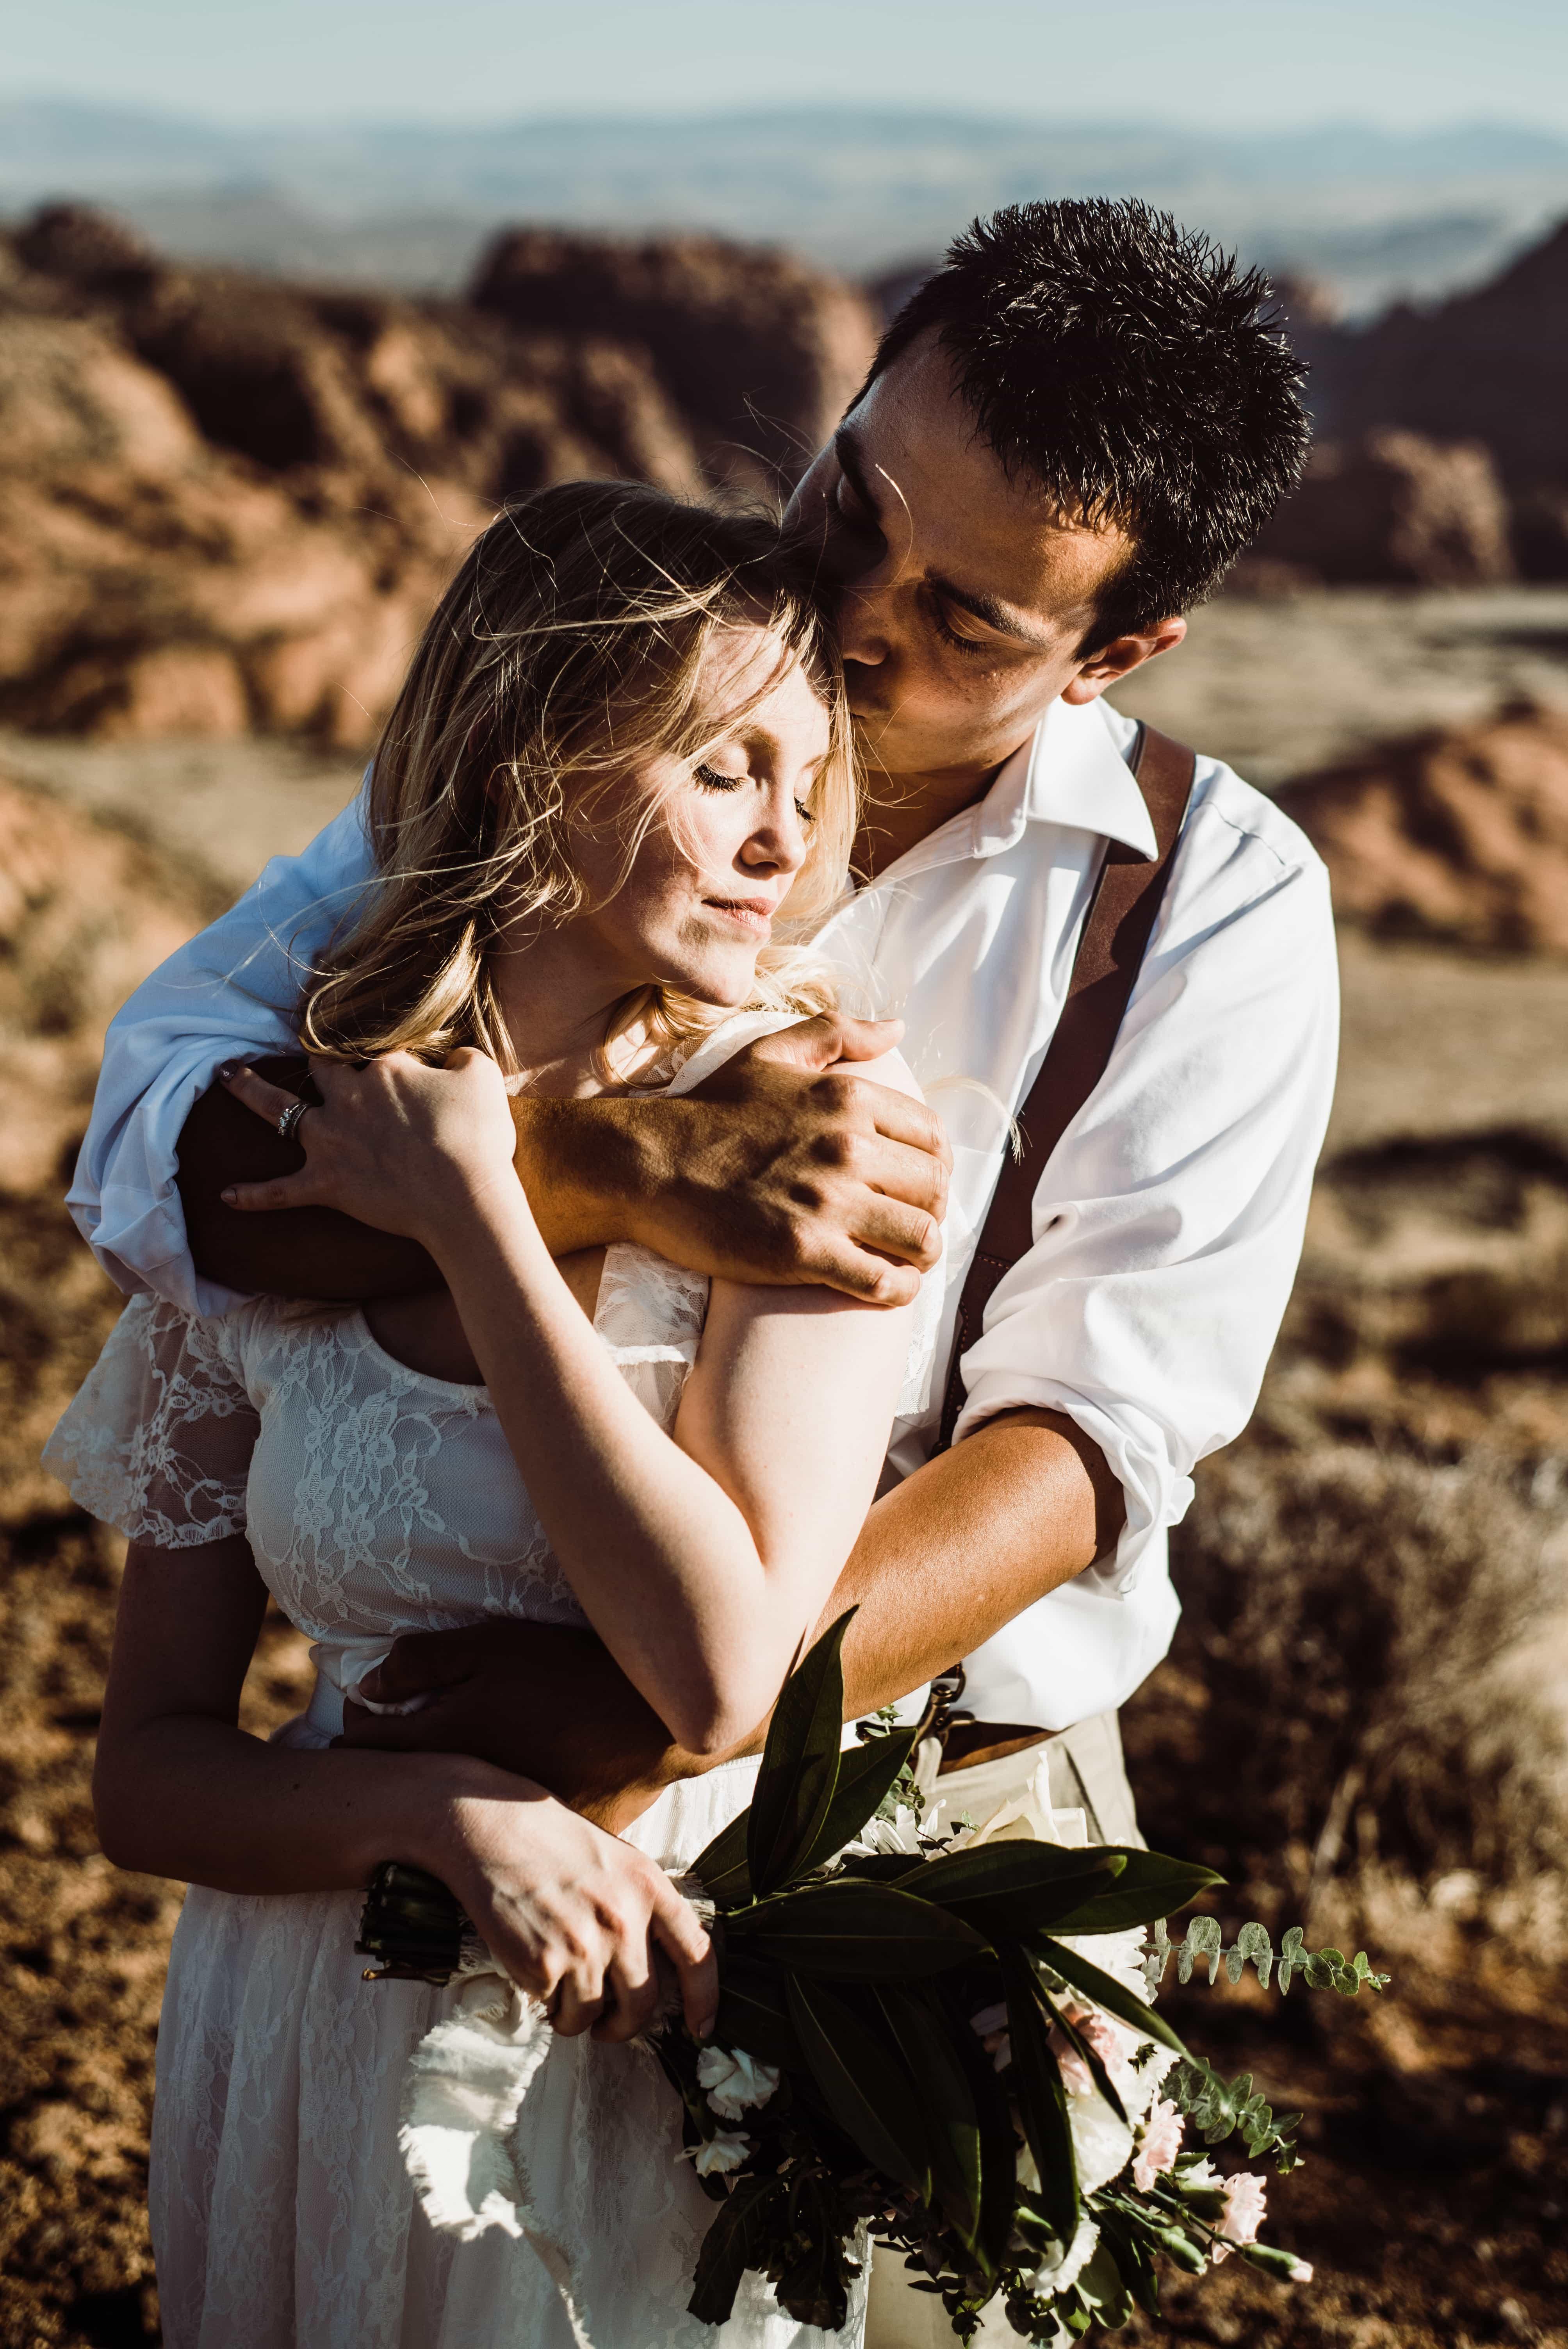 southwest-arizona-weddings-utah-photogra